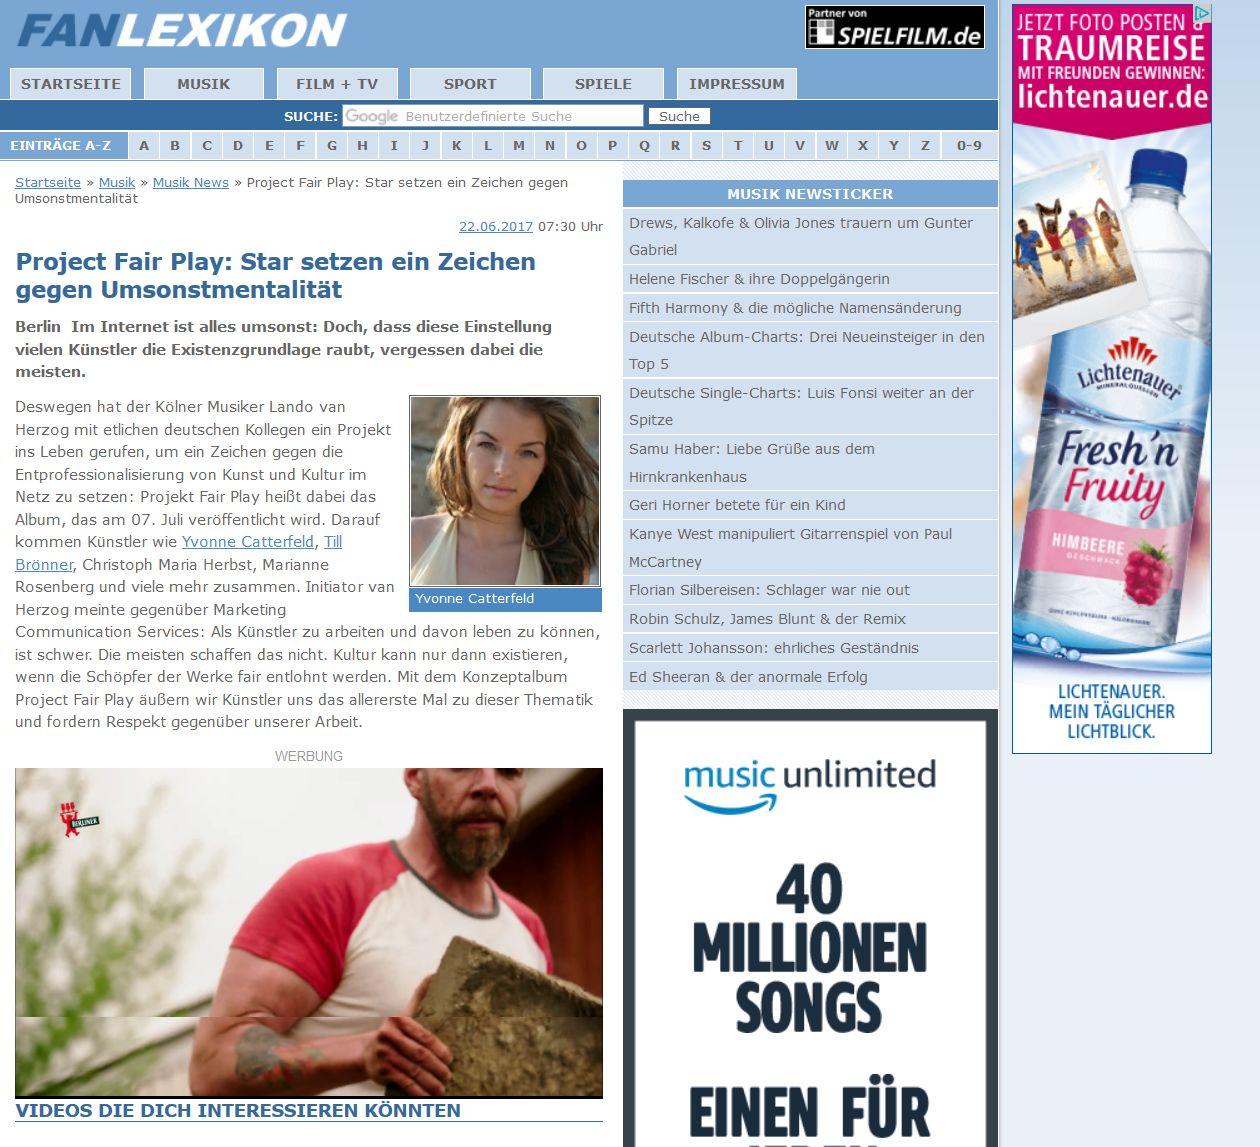 www.fan-lexikon.de